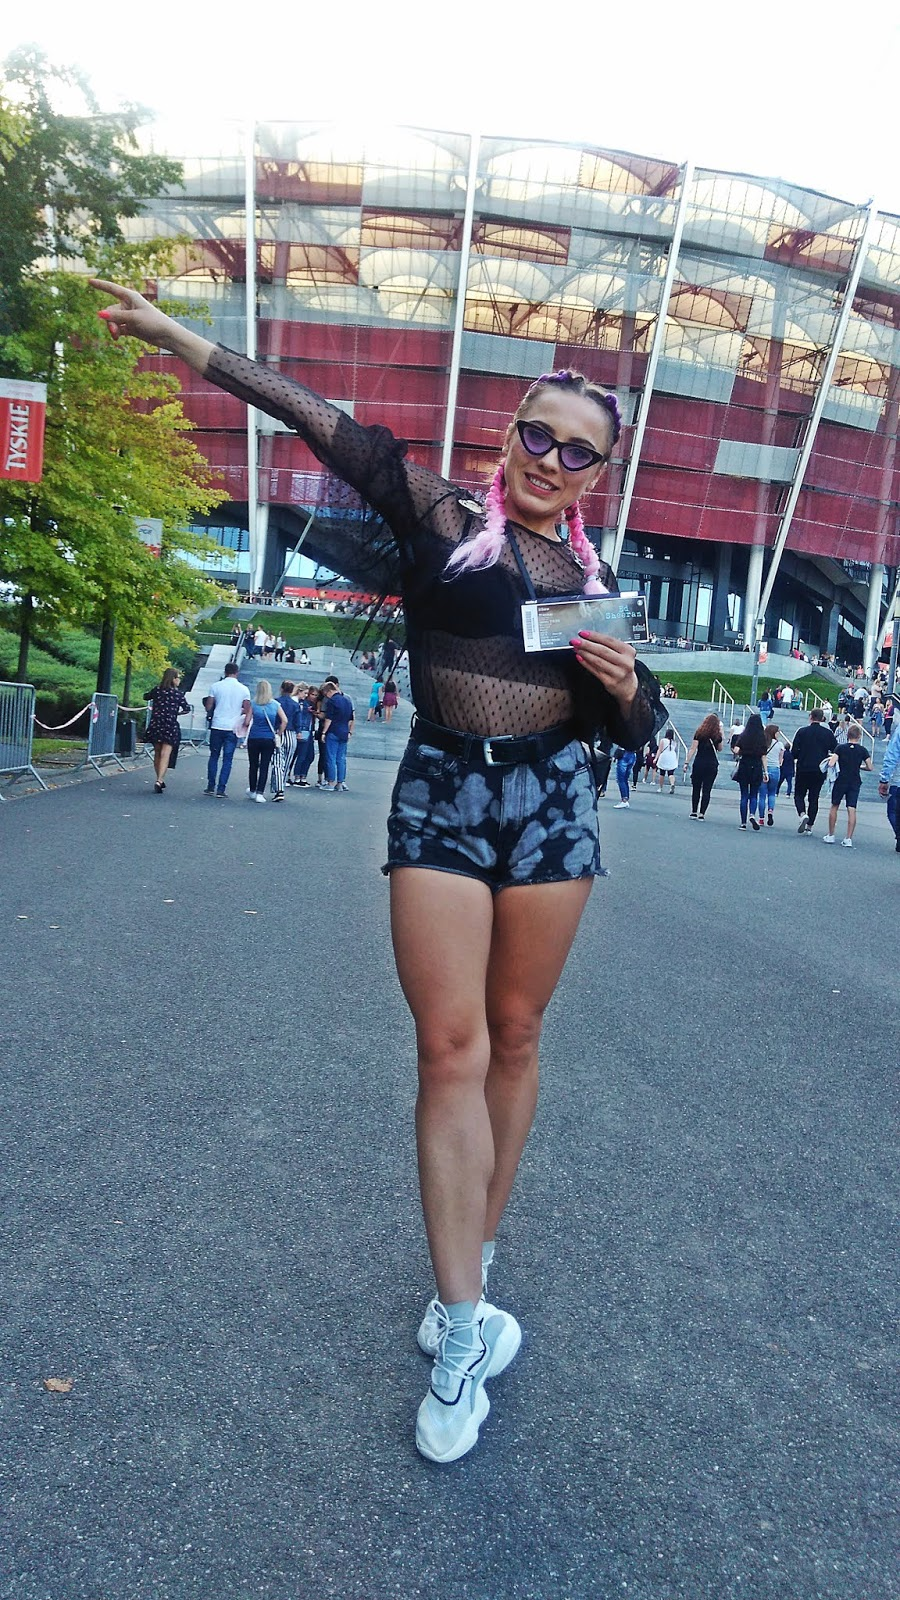 14_koncert_ed_sheeran_warszawa_karyn_blog_modowy_210818